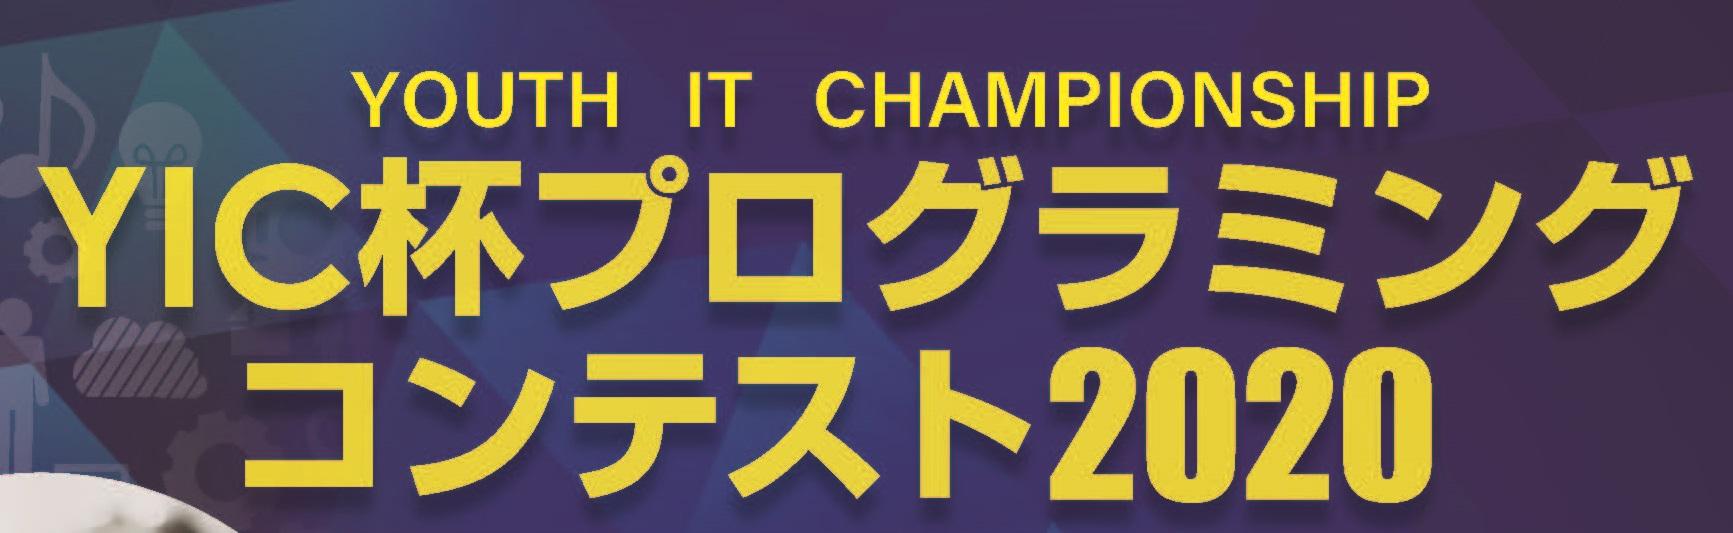 YIC杯プログラミングコンテスト2020 開催決定!!